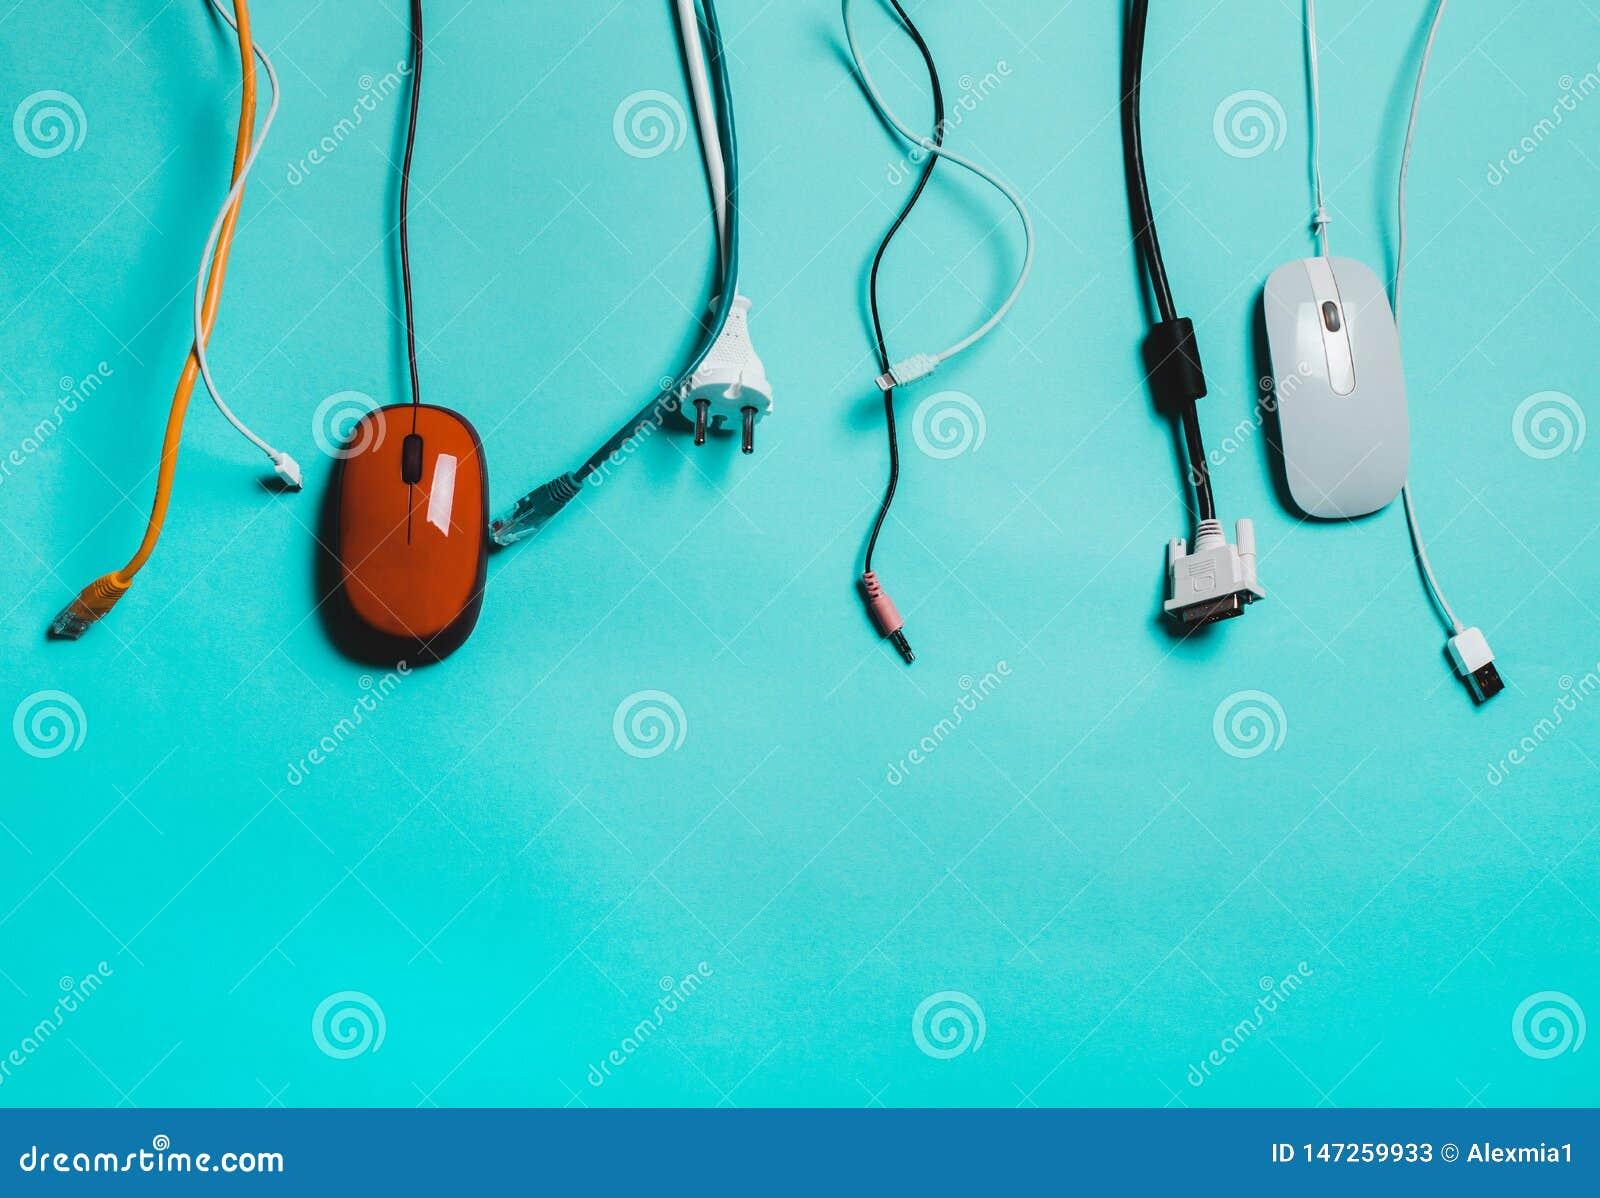 Używać sznury, kabel, usb Pojęcie zanieczyszczenie ekologia, natura